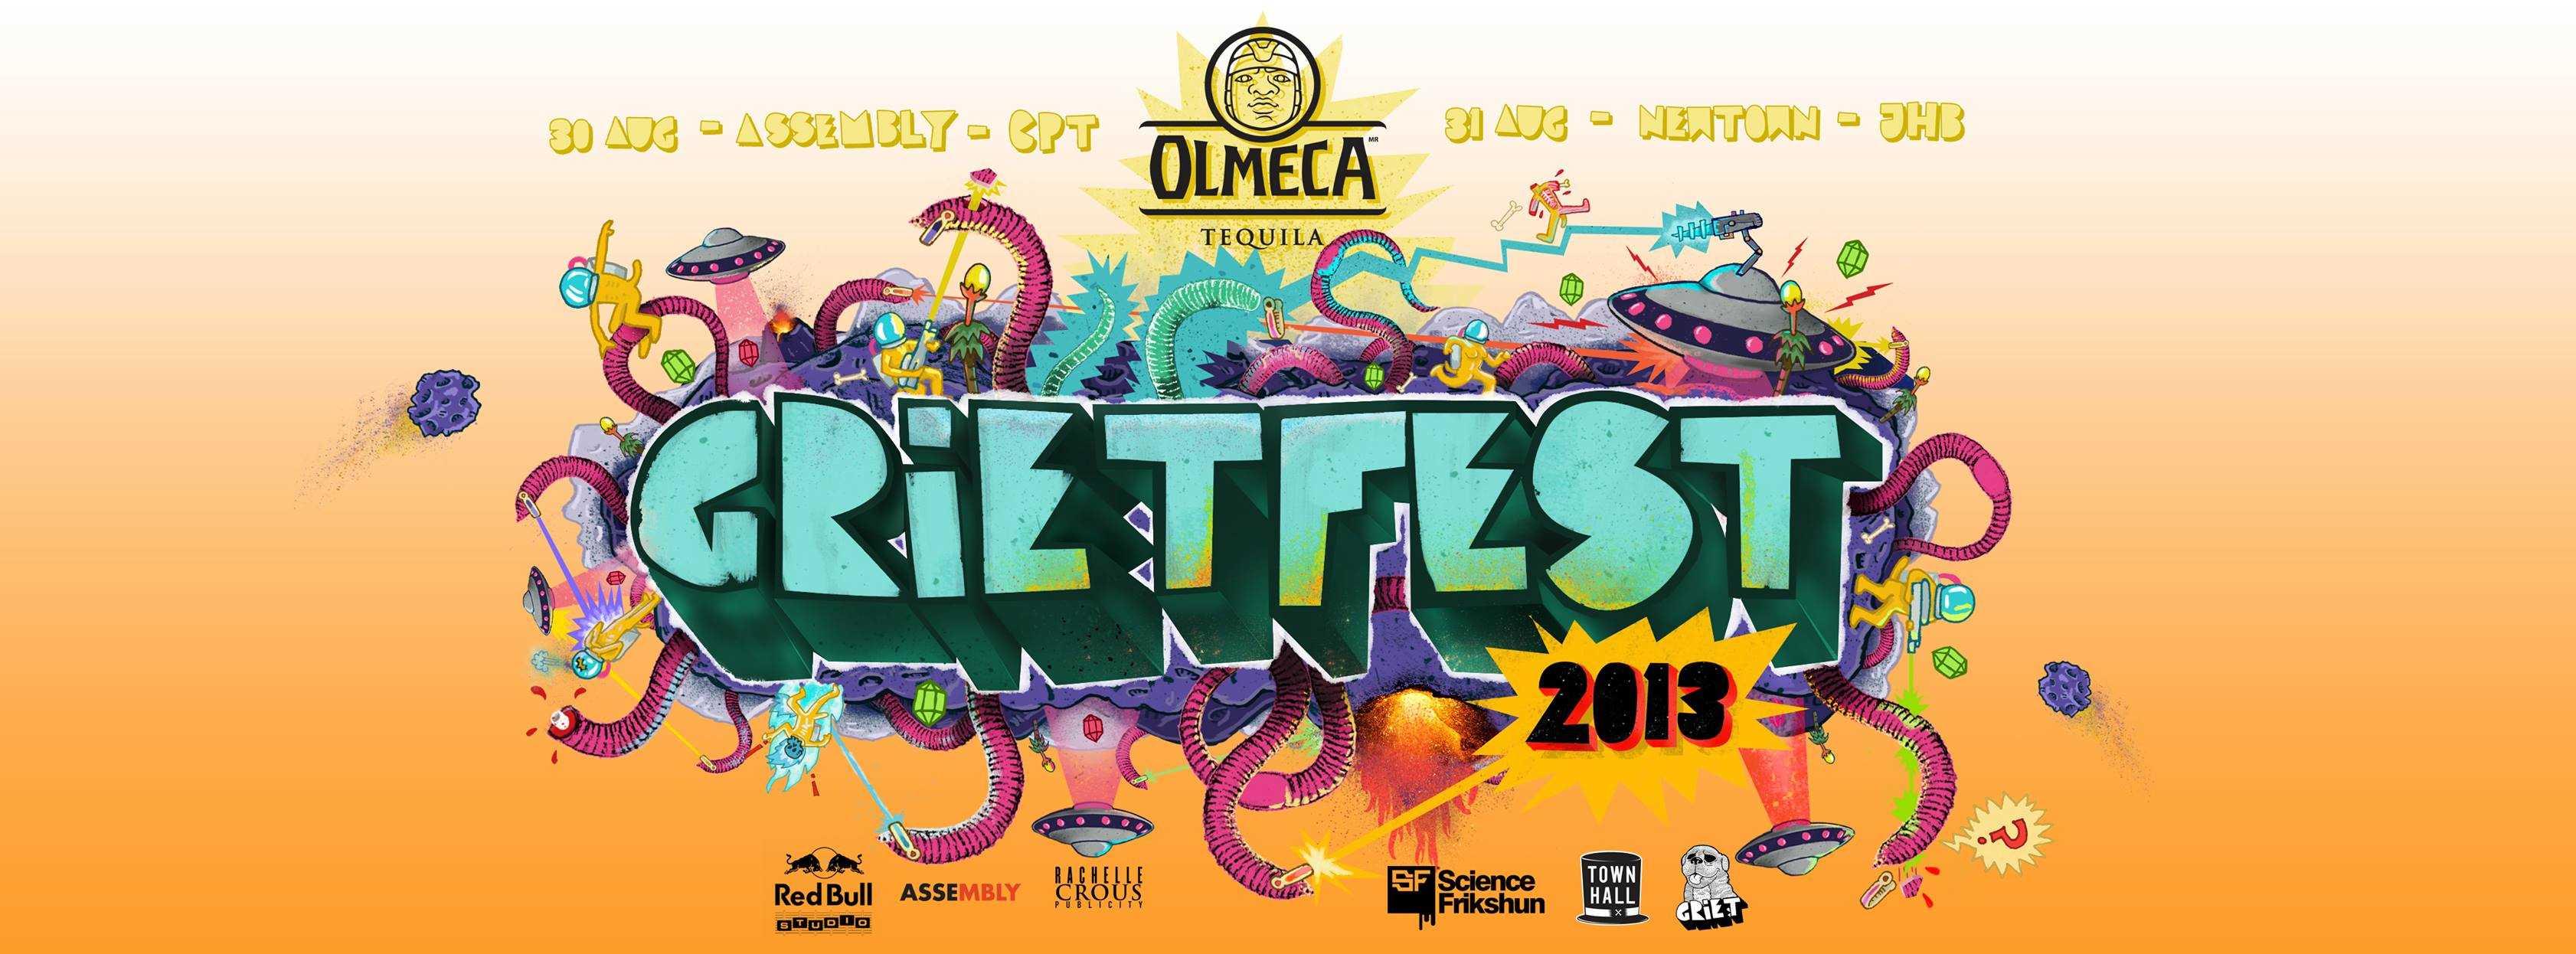 Grietfest Cape Town 2013